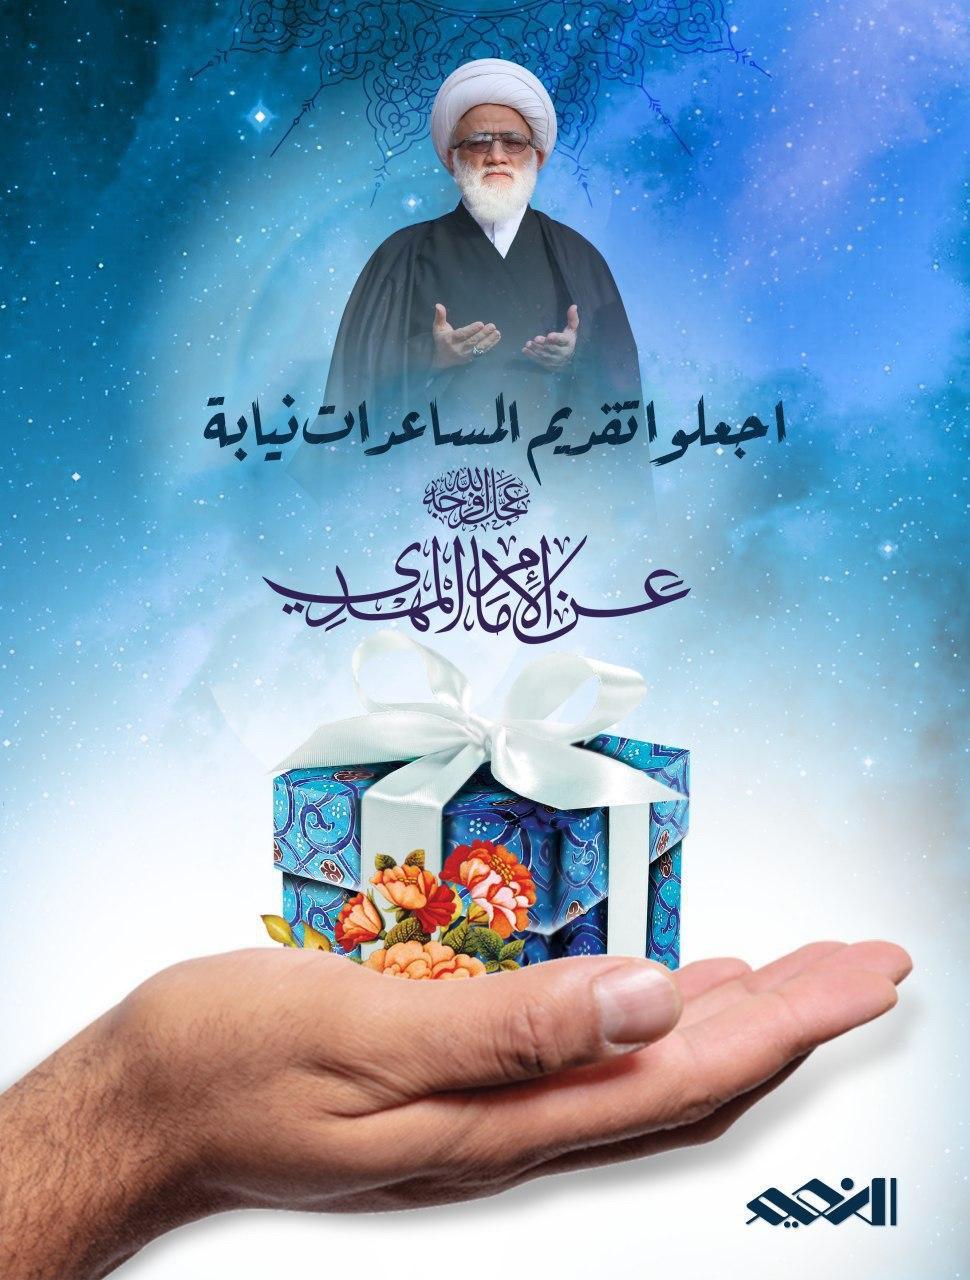 مرجع عالیقدر یعقوبی: انسانی امداد امام مہدی (علیہ السلام) کی نیابت میں پیش کریں۔